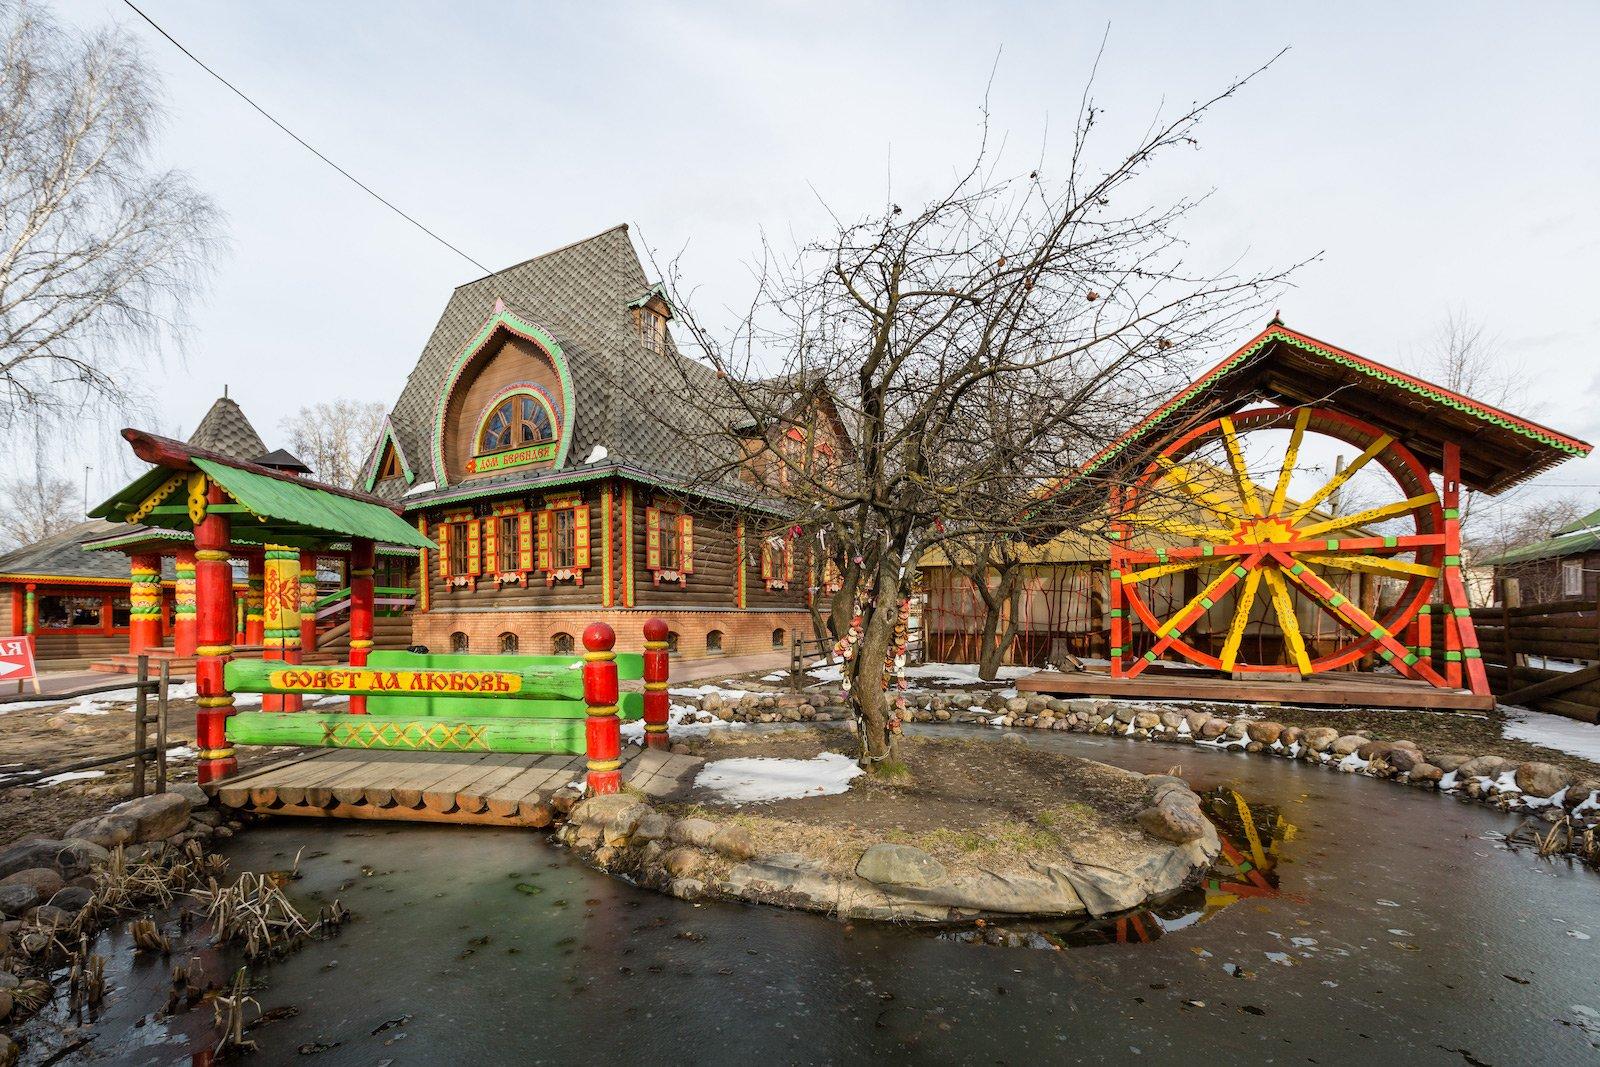 Достопримечательности Переславль-Залесского с описанием и фото - куда сходить и что посмотреть самостоятельно, туристическая карта